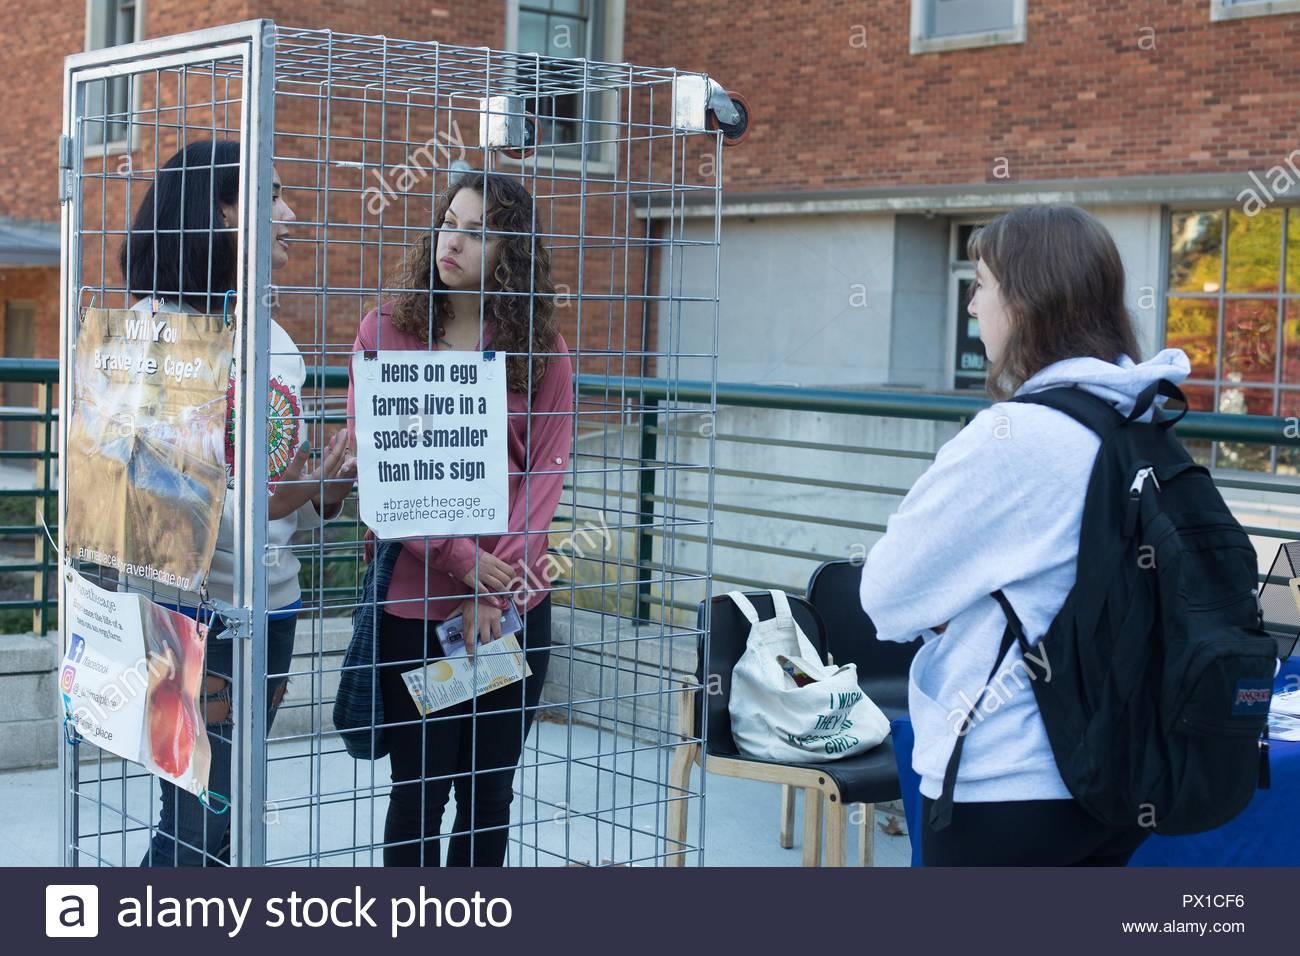 """Studenten an der Universität von Oregon: """"Schöne Käfig', Zeit in einem engen Käfig, um zu verstehen, was Hühner auf ei Farmen leben sind. Stockbild"""